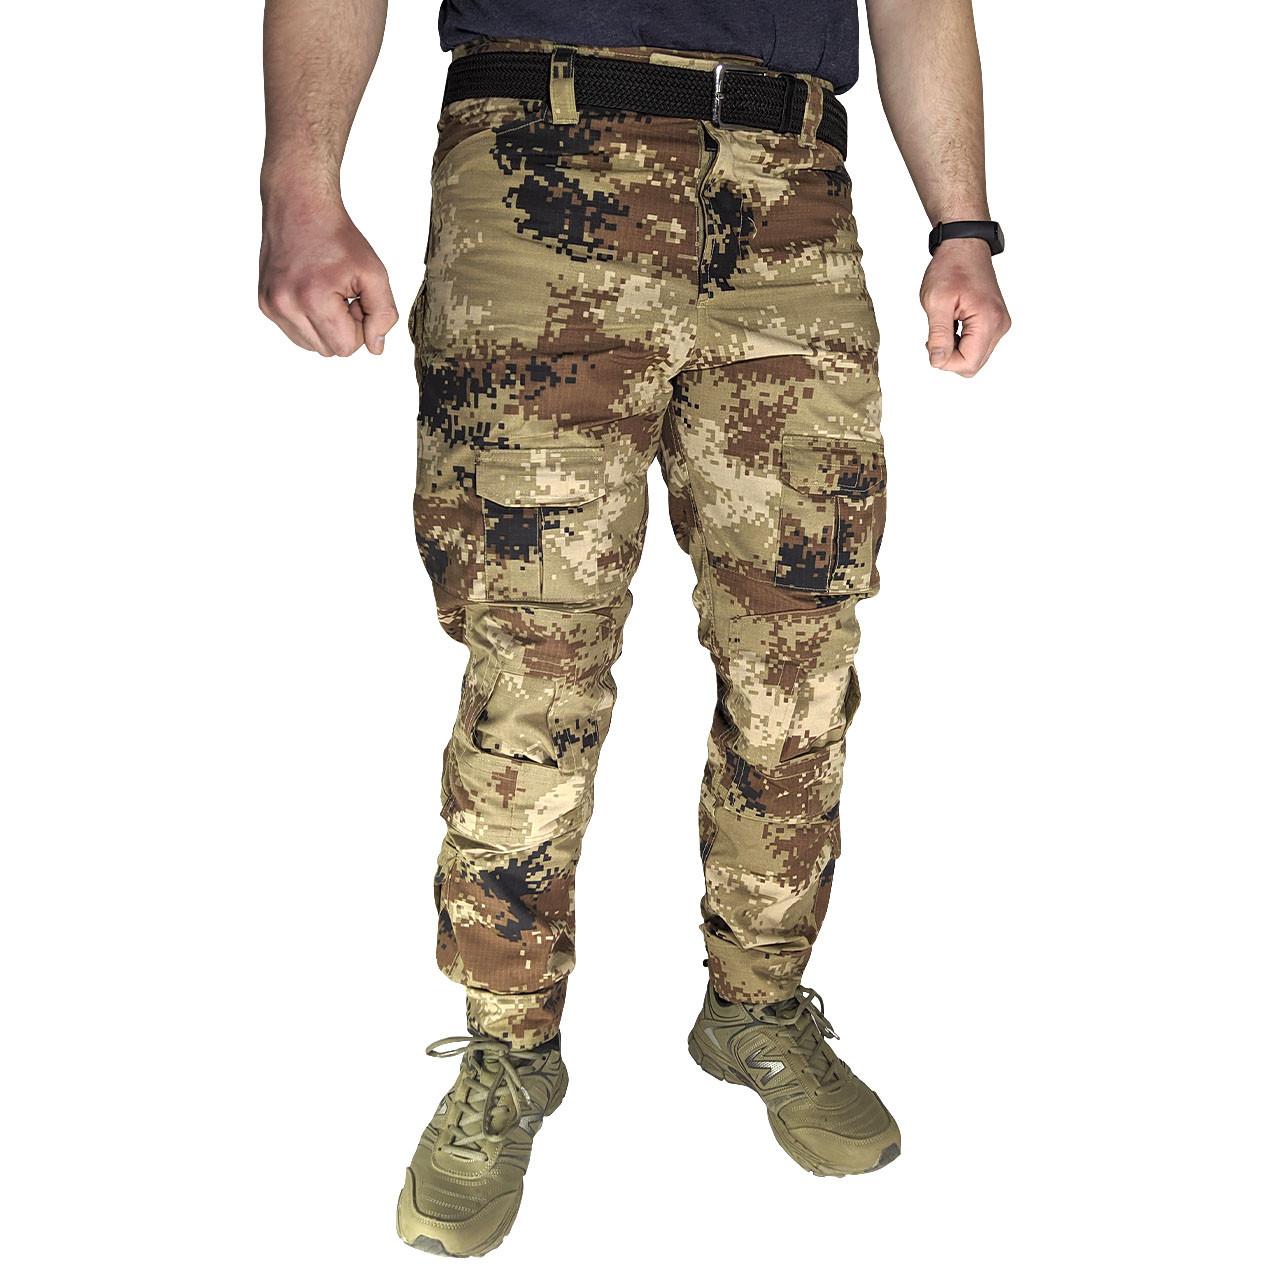 Тактические штаны Lesko B603 Pixel Desert 32 размер мужские брюки военные для силовых структур карманы пиксель